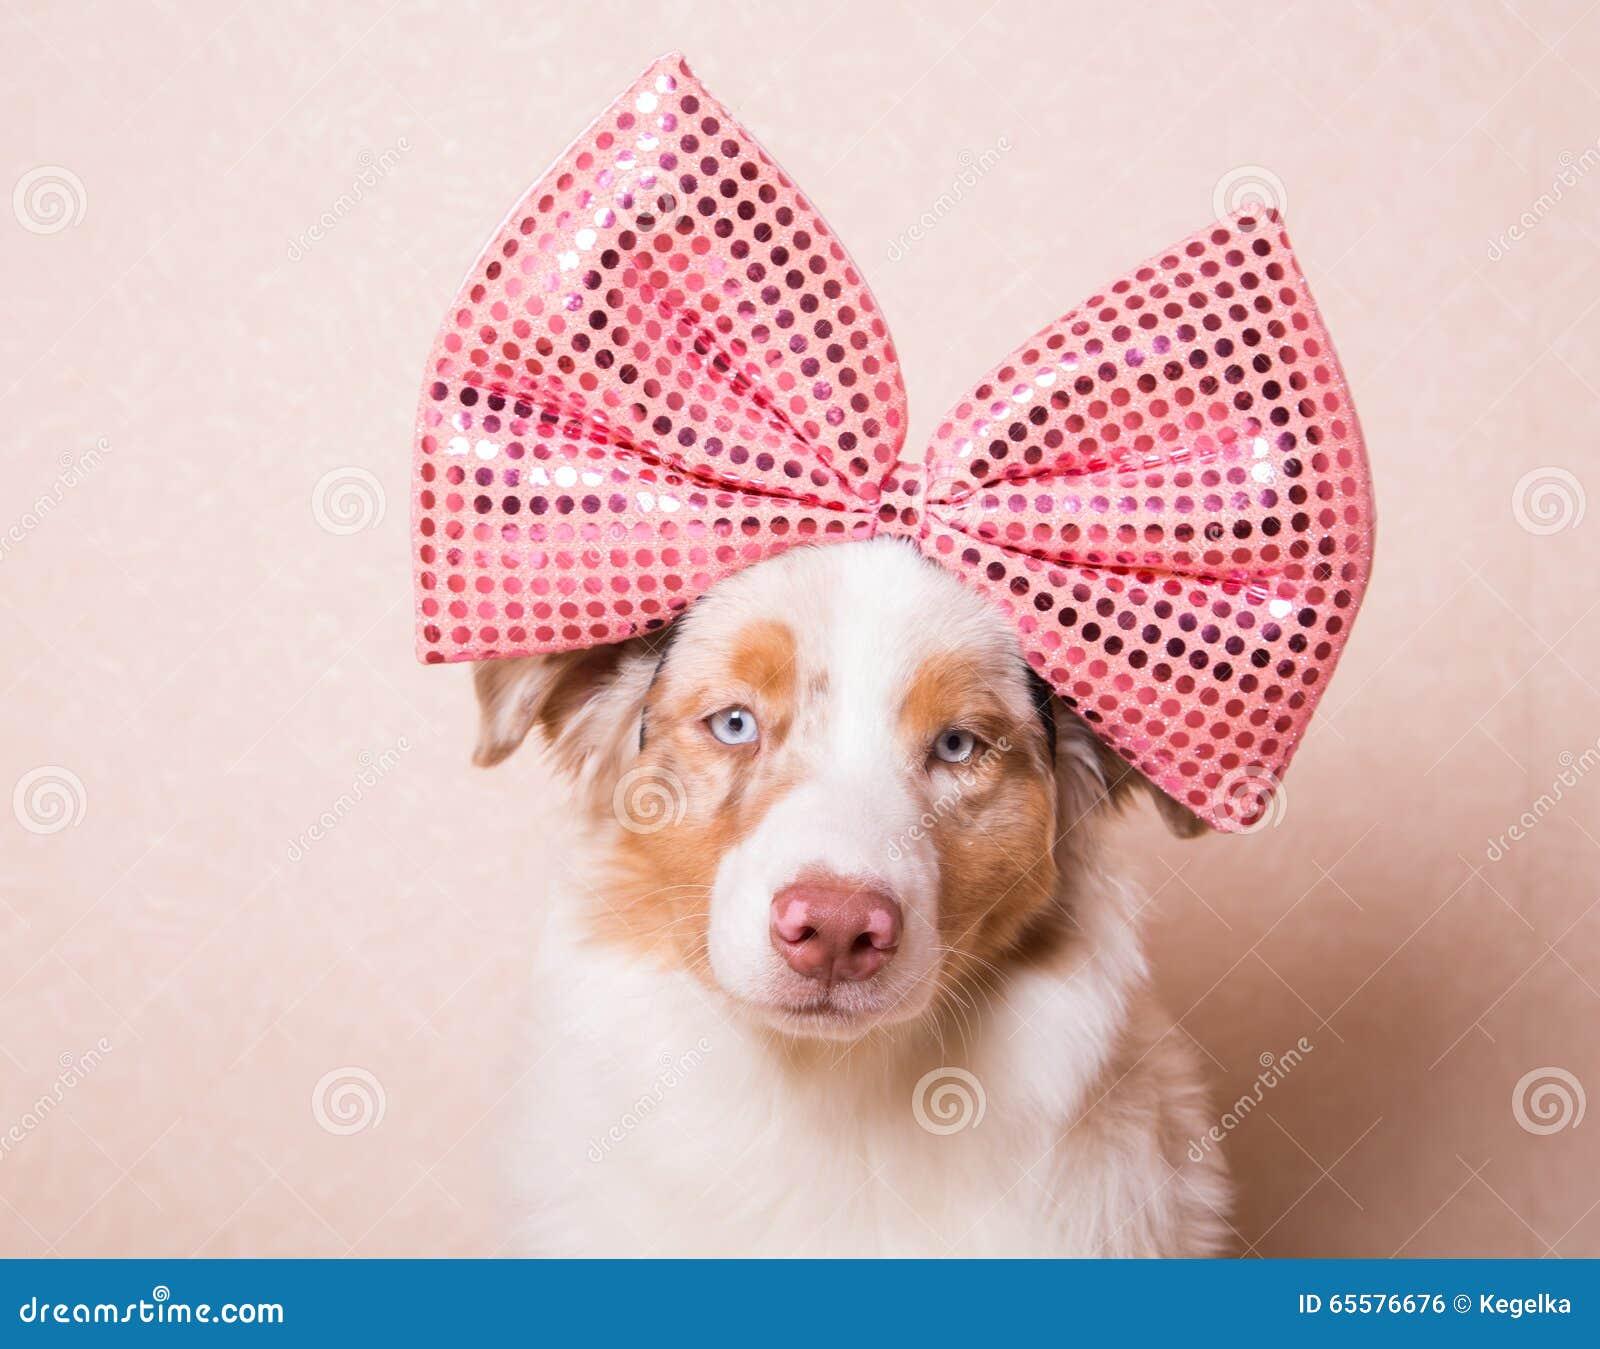 Retrato do cão com uma curva cor-de-rosa enorme em sua cabeça